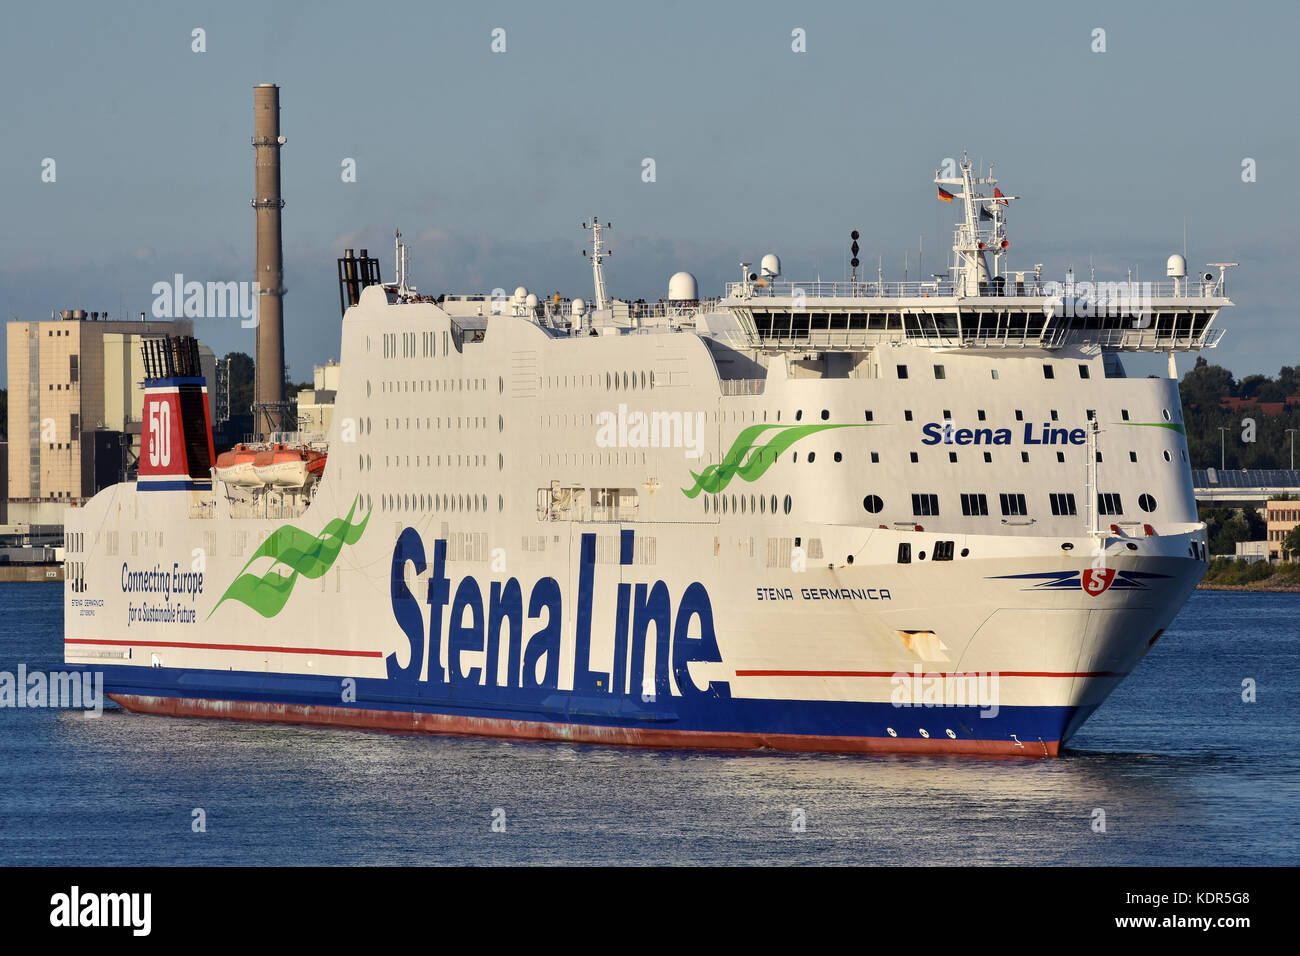 Stena Germanica - Stock Image